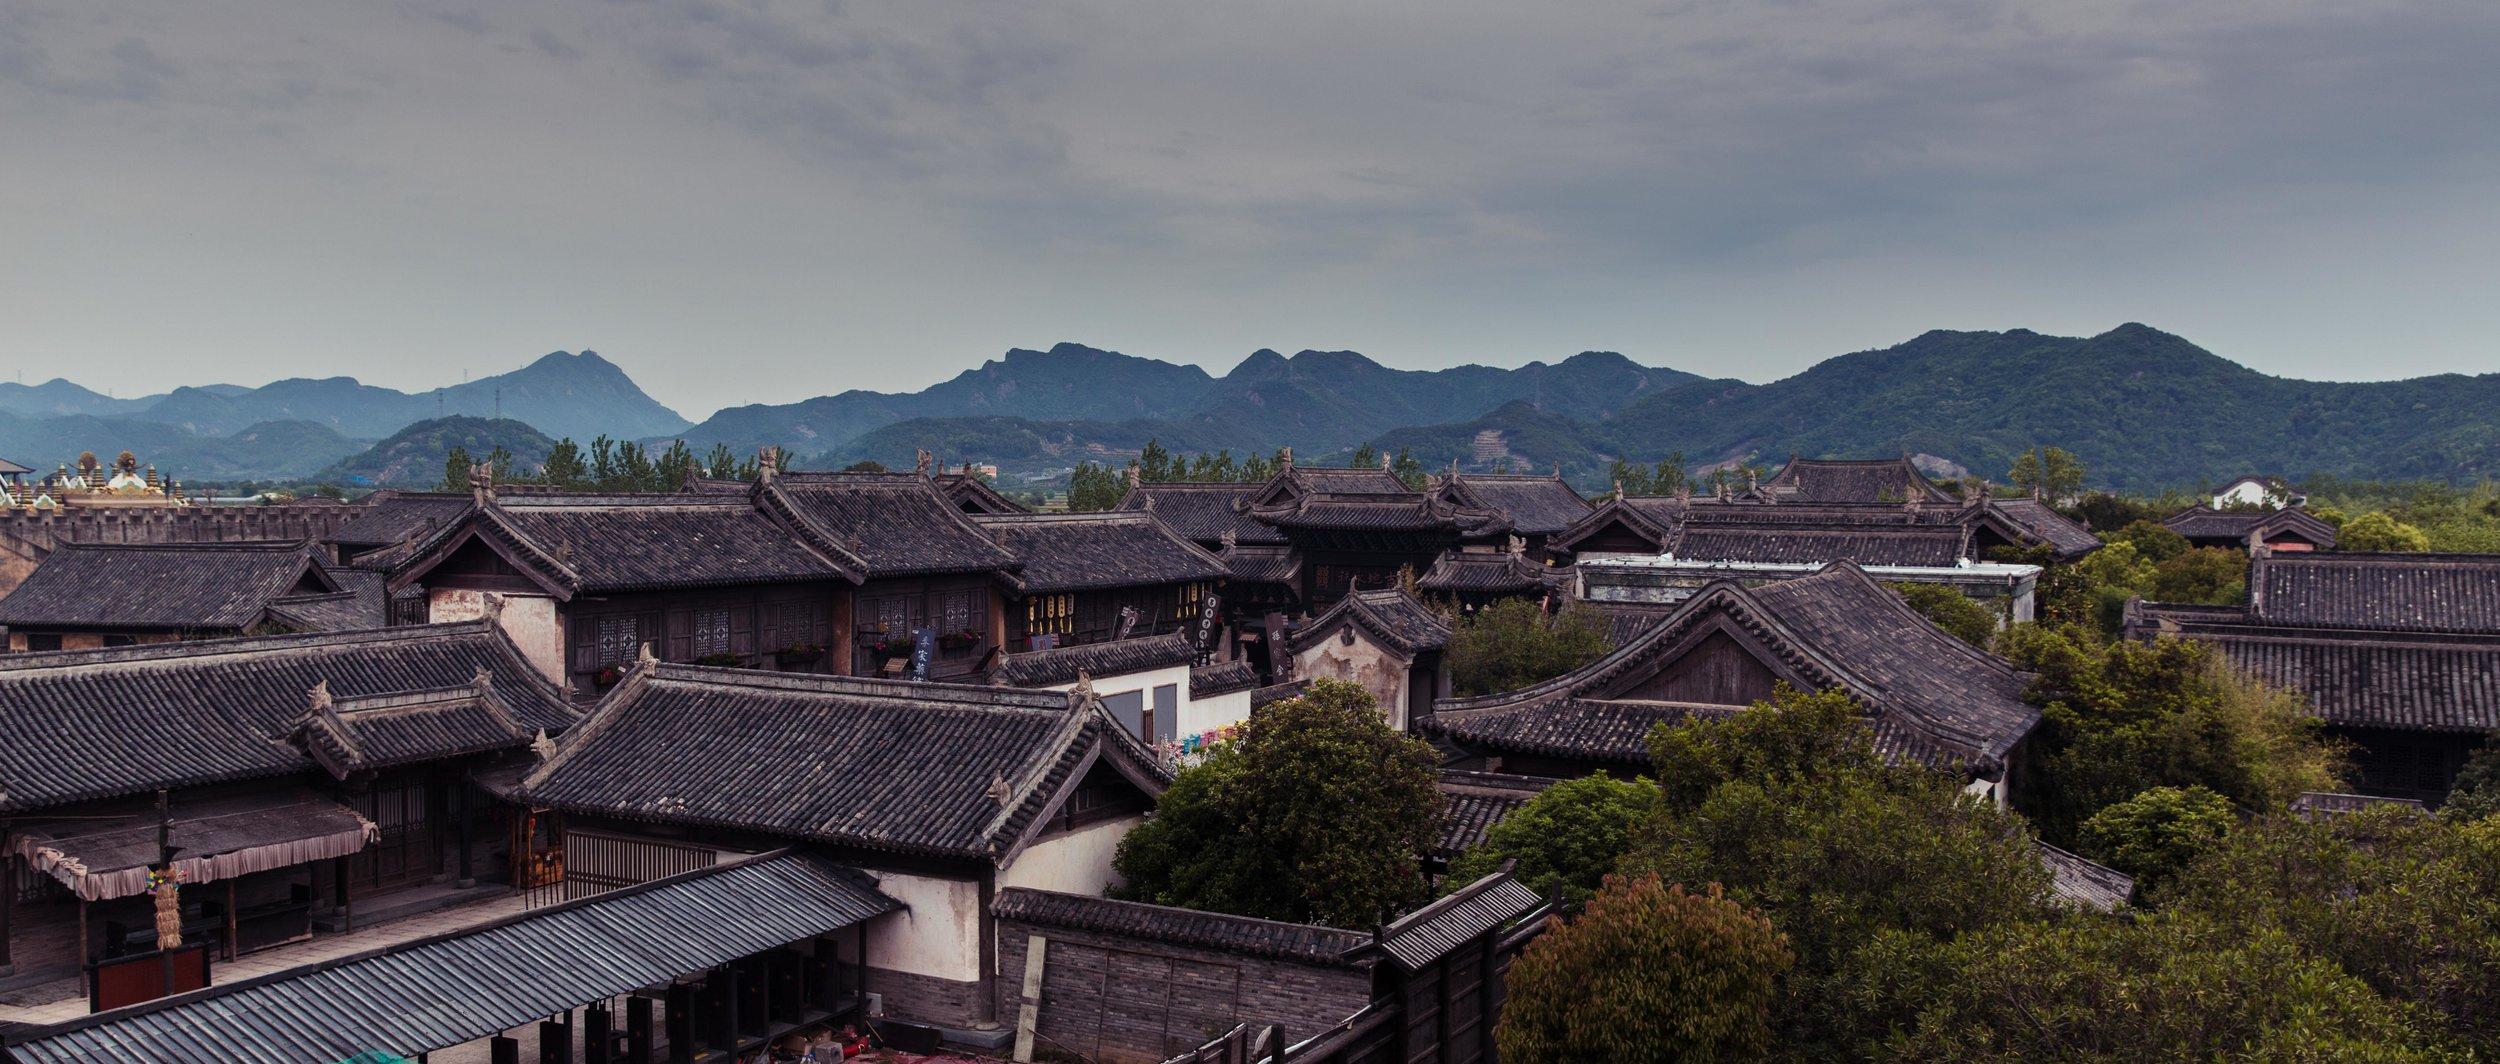 Xiangshan - City-020.jpg